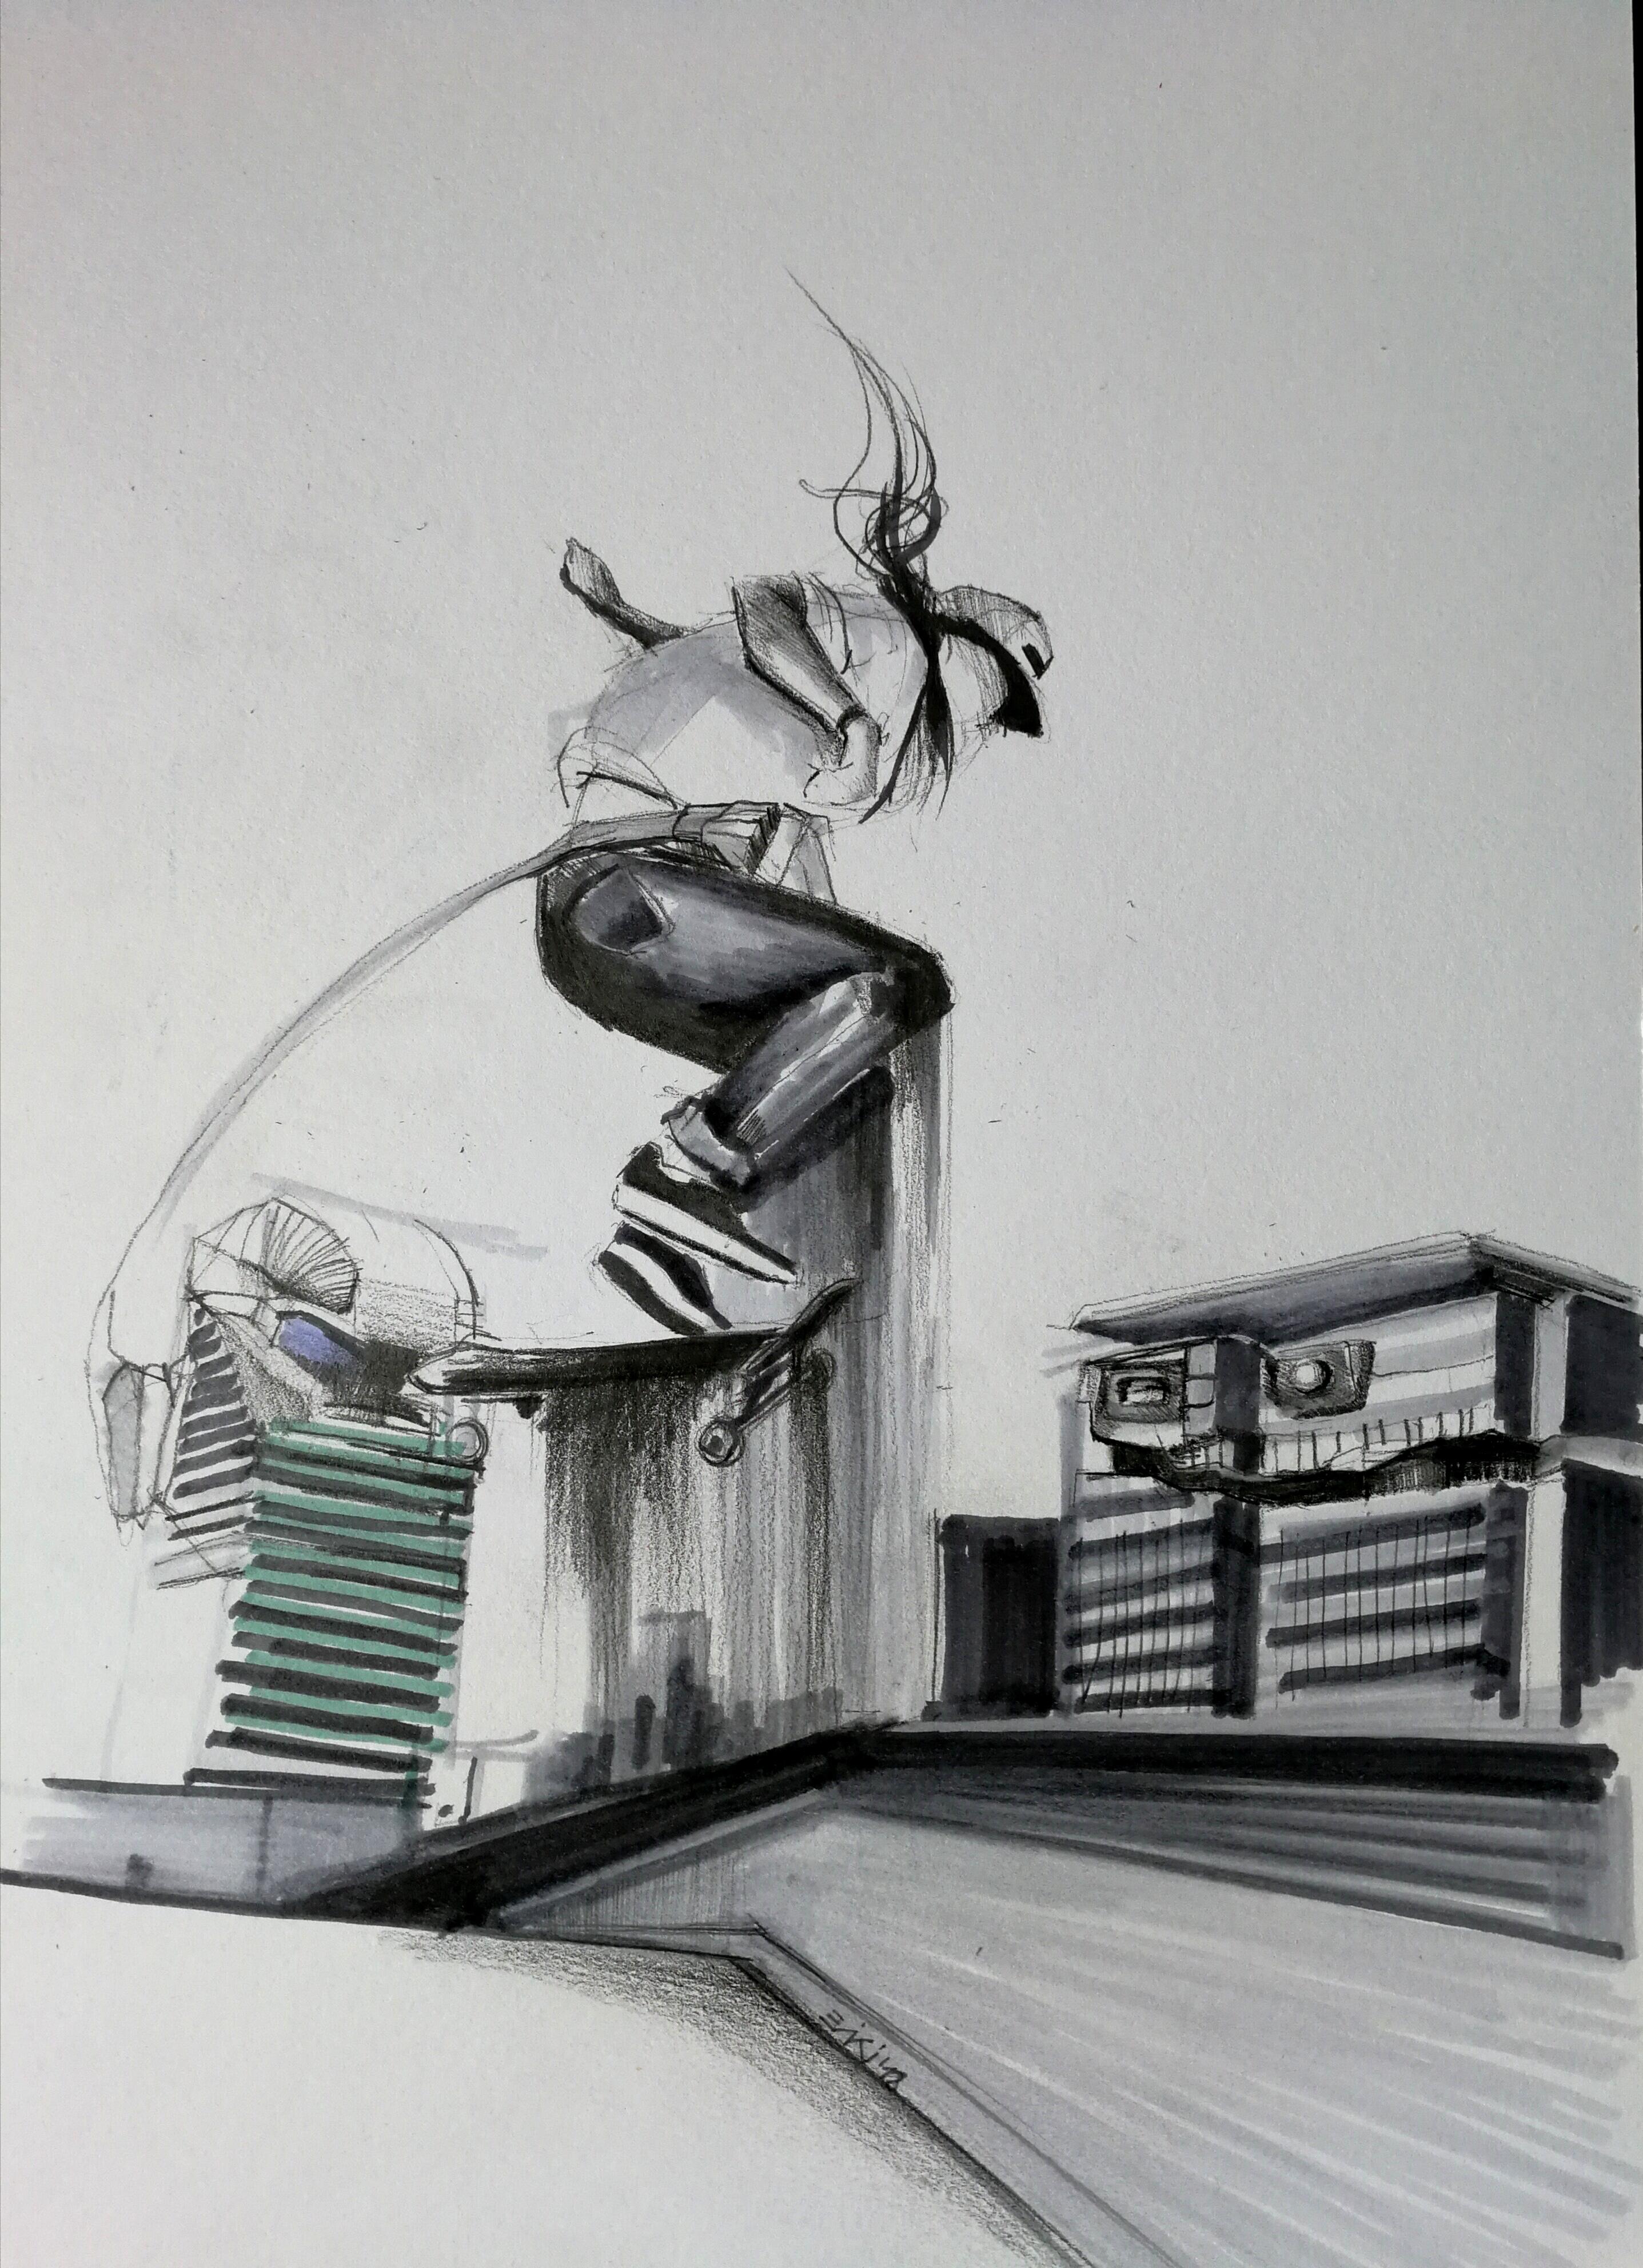 Skateboard sketch Viktoria Eperjesi